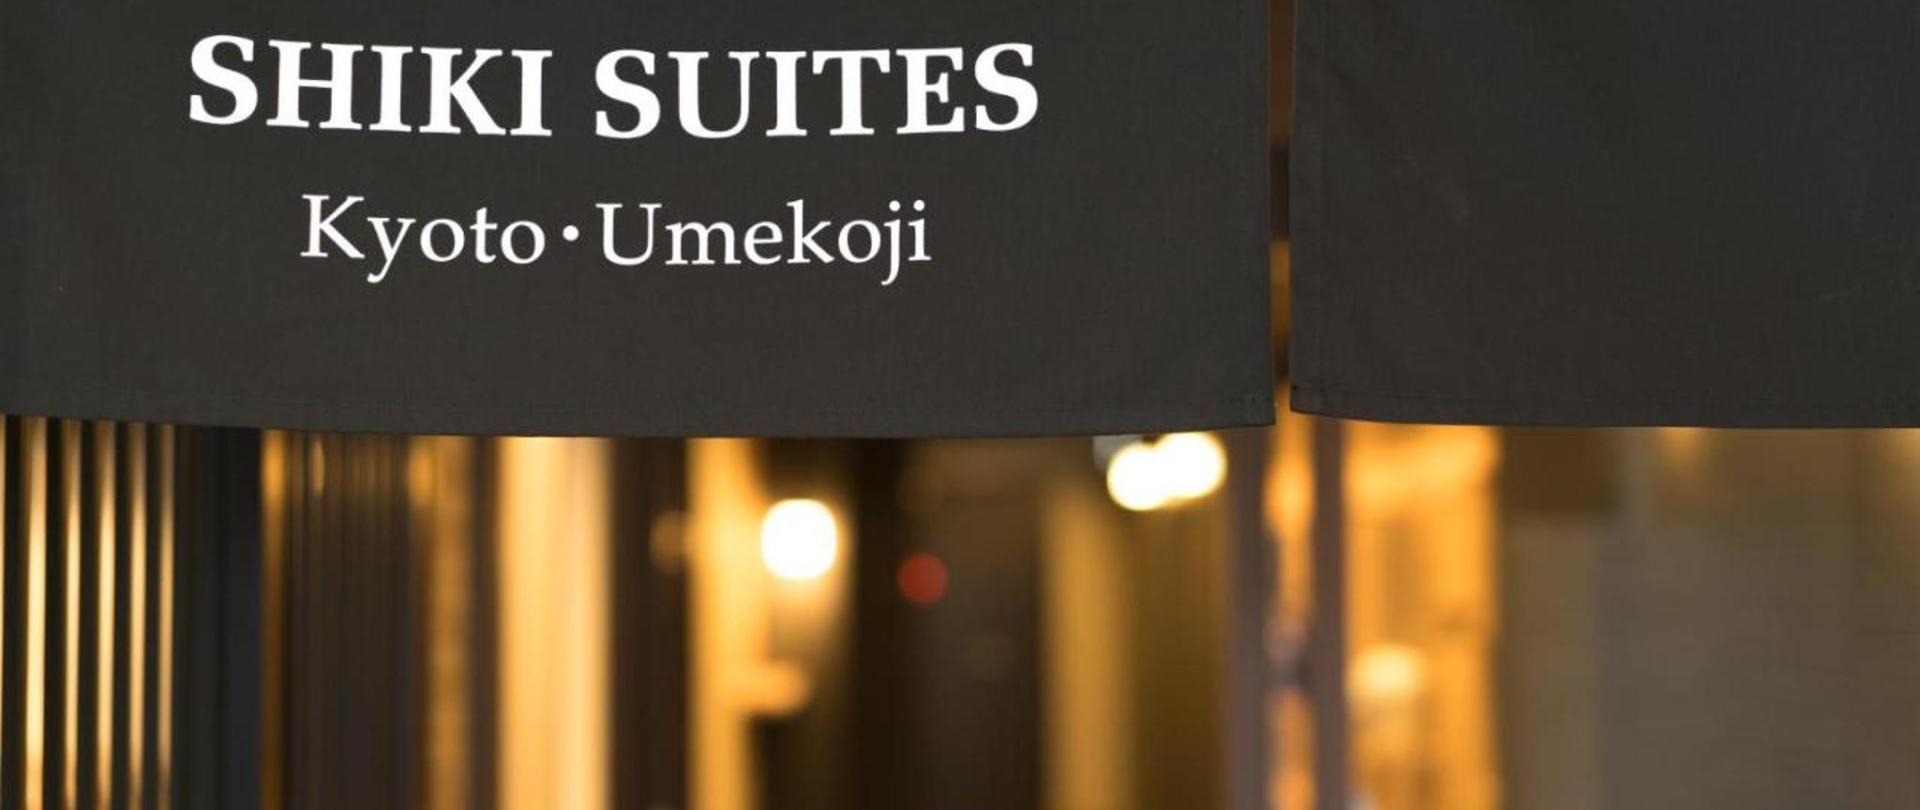 Shiki Suites - Kyoto Umekoji